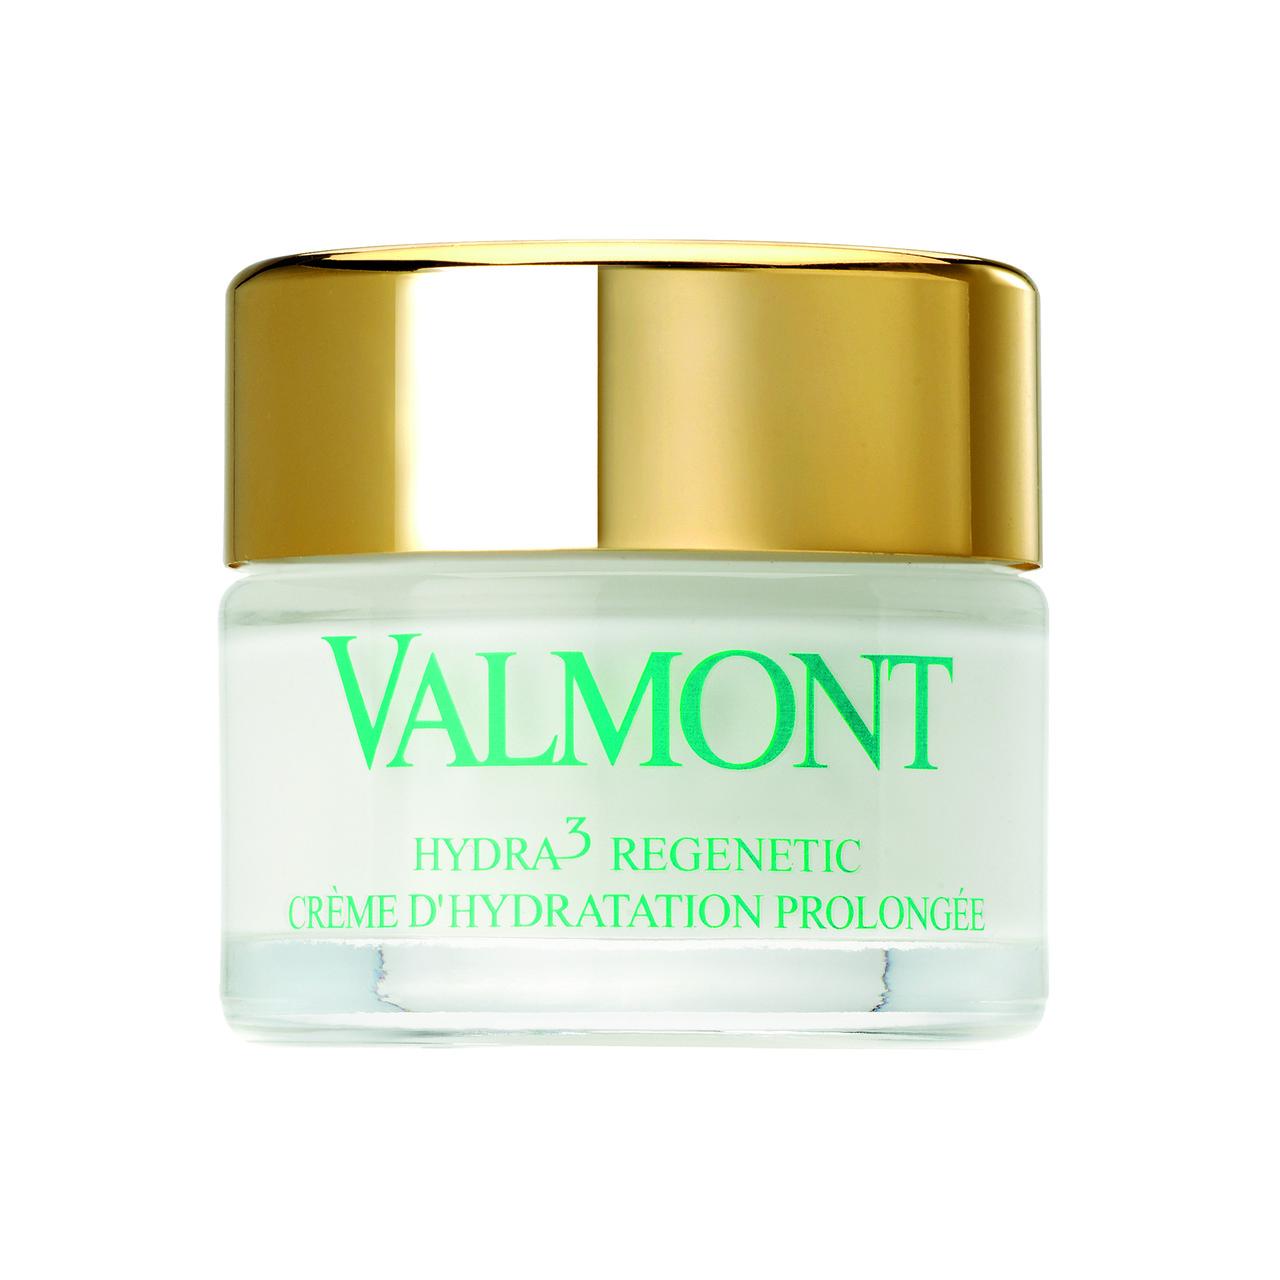 Увлажняющий крем для кожи лица Hydra3 regenetic cream